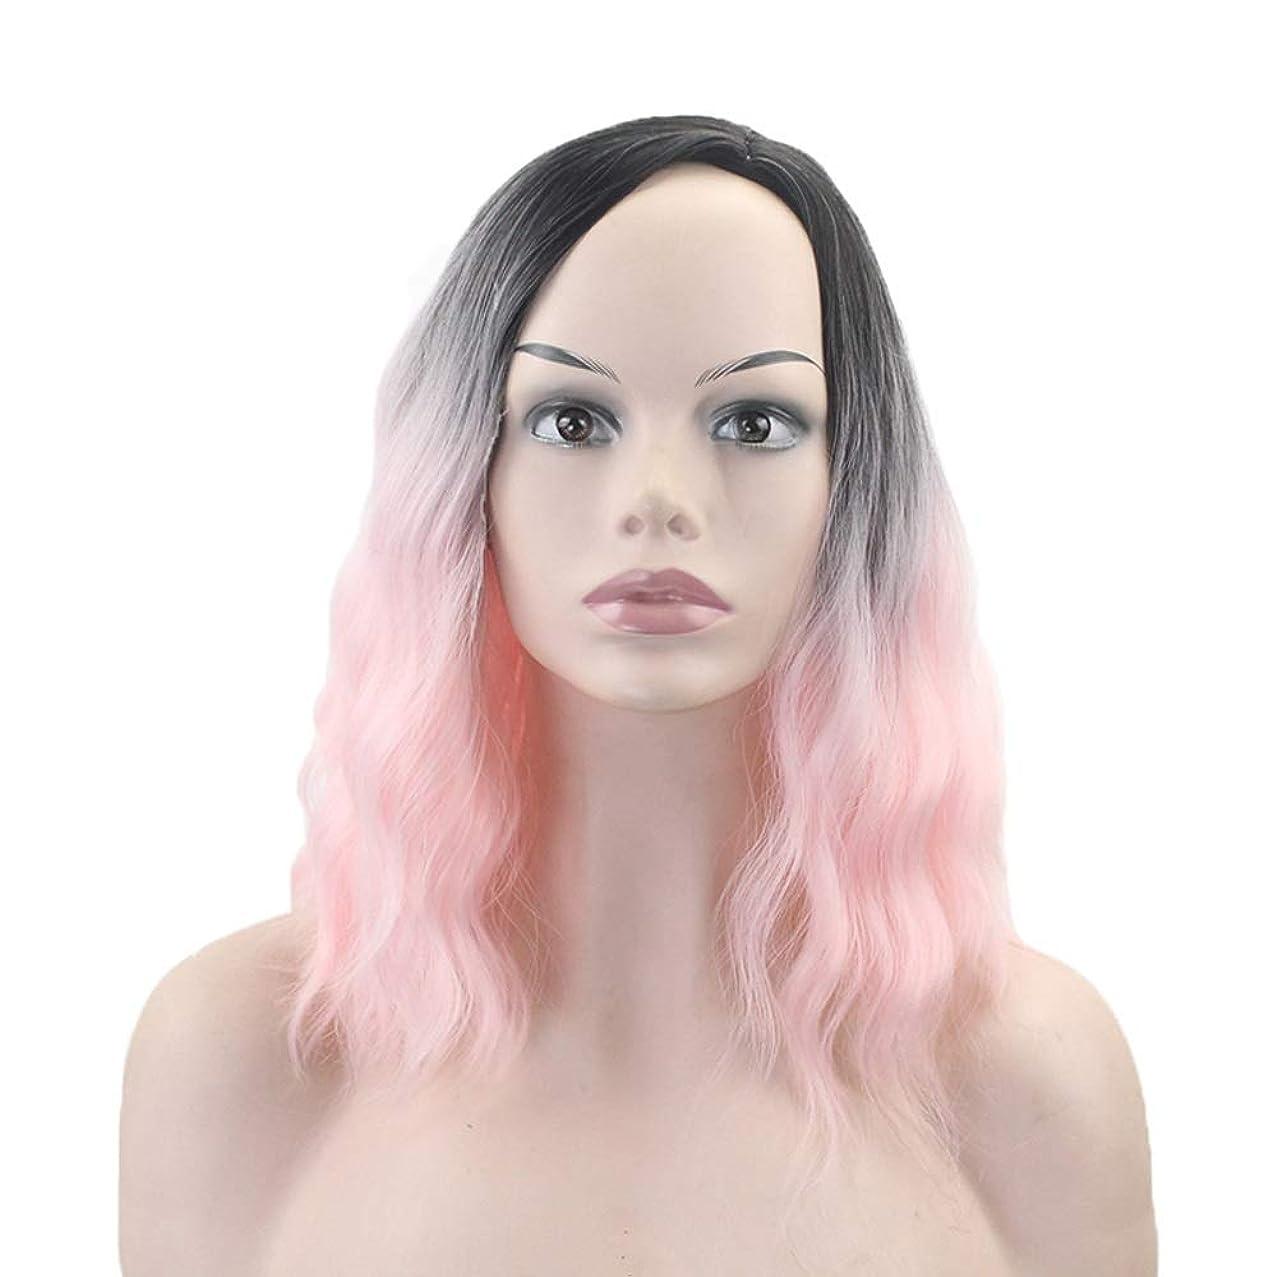 華氏強います与えるウィッグ - ファッションロングロール高温シルクウィッグナチュラルリアルパーティーハロウィーンコスプレ40cmグラデーション (色 : Pink, サイズ さいず : 40cm)